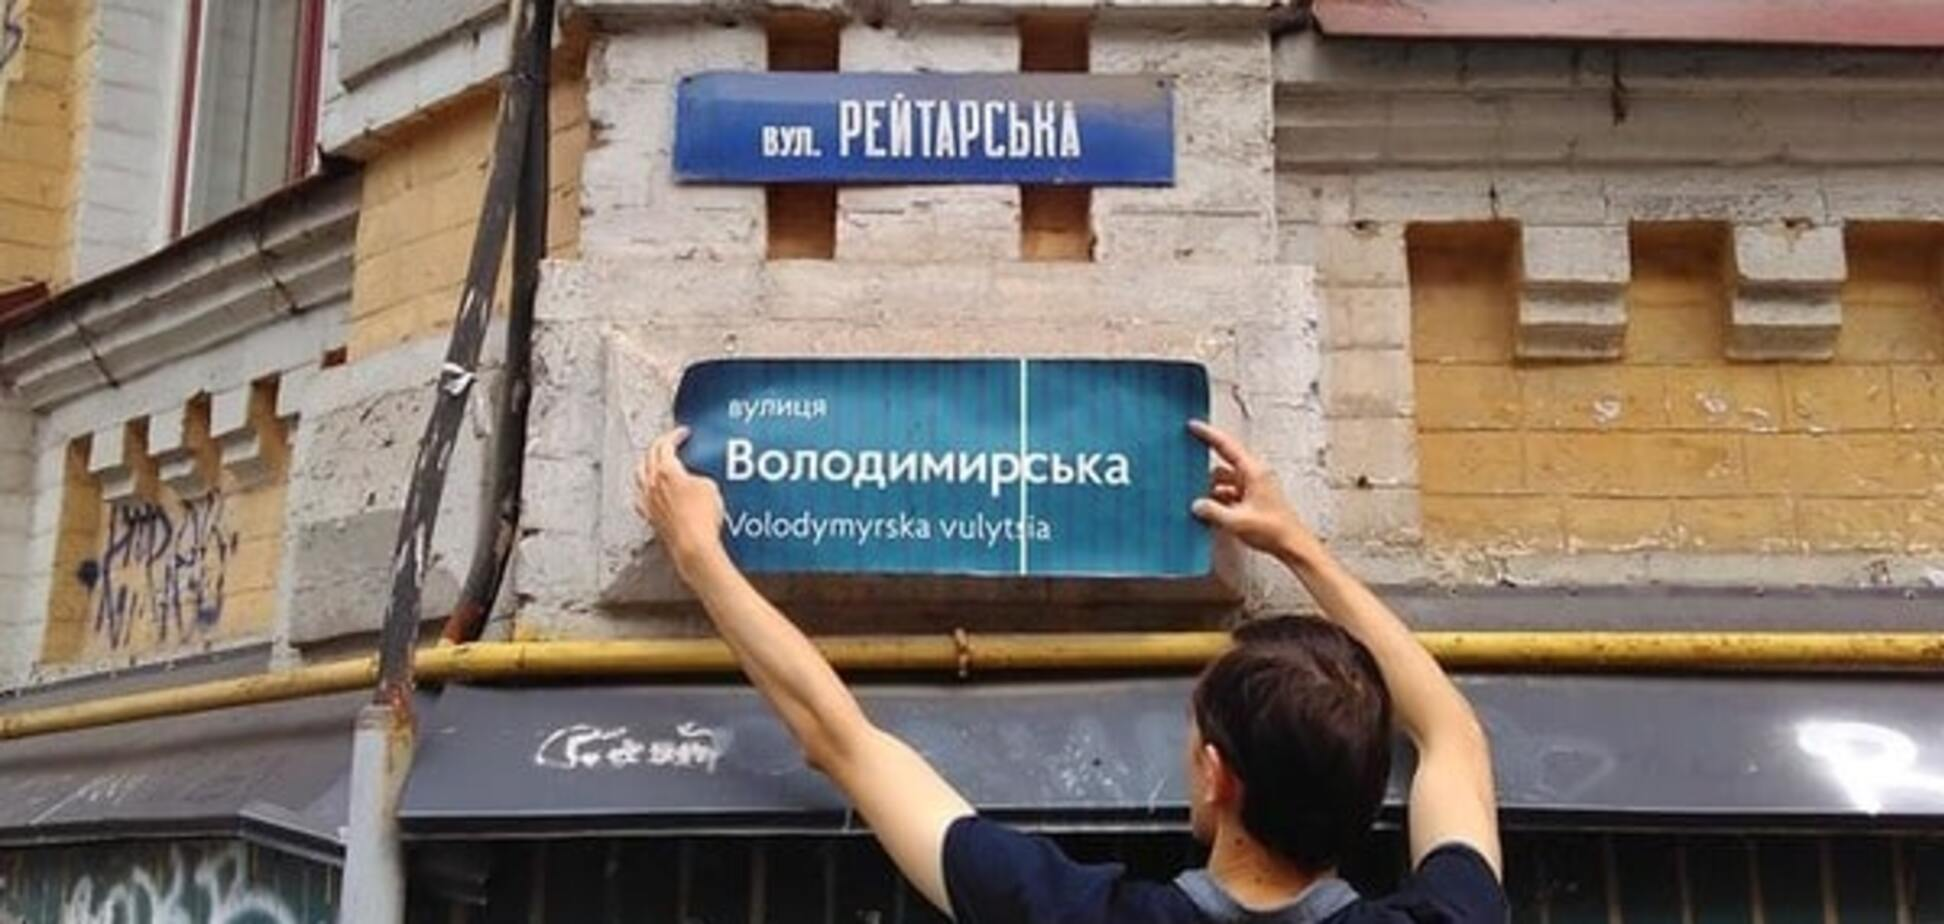 На вулицях Києва змінять покажчики на будинках: якими вони будуть